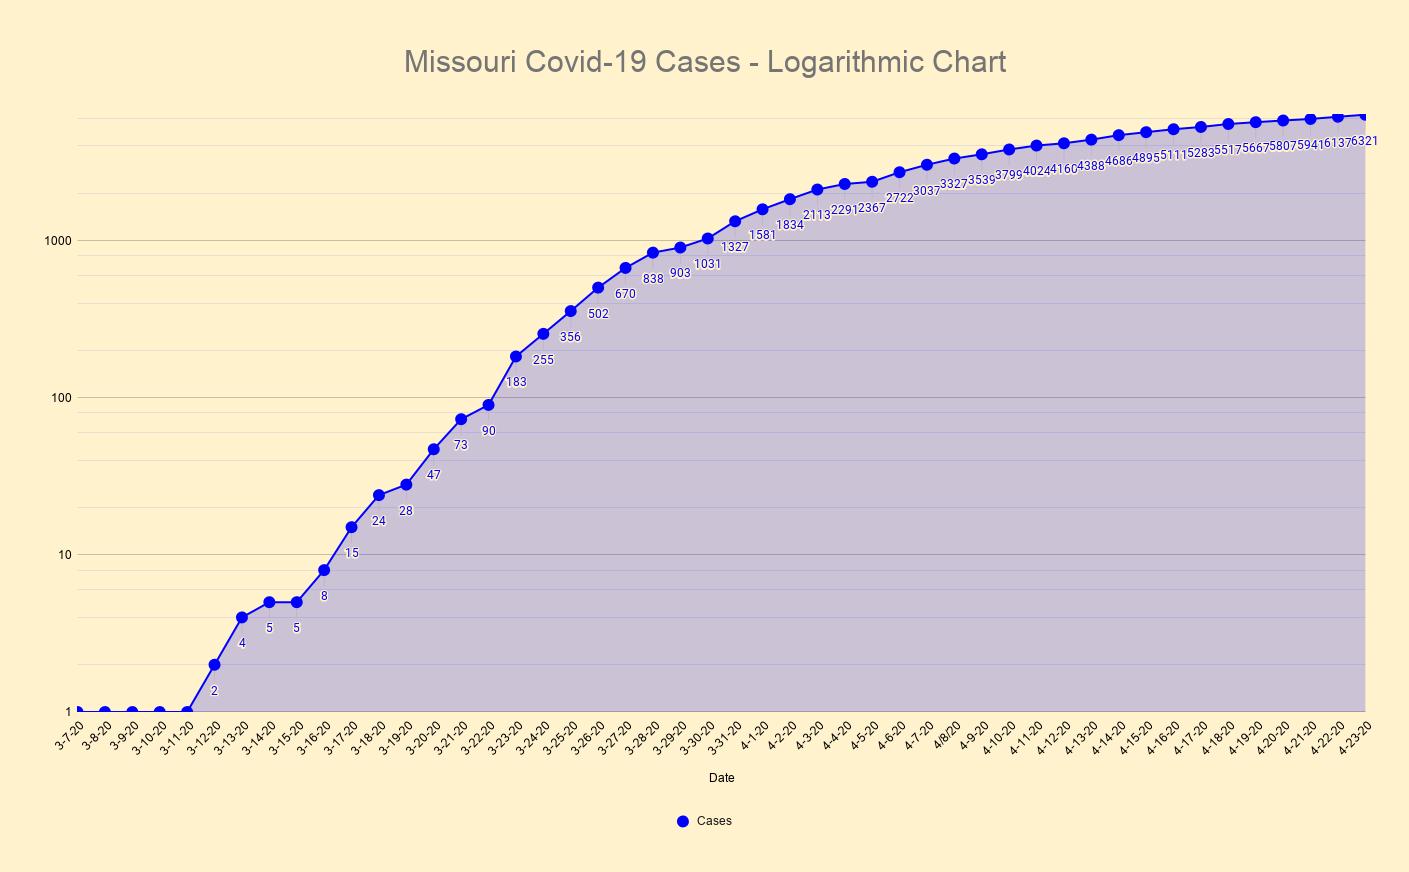 Missouri Covid-19 Cases - Logarithmic Chart(3).png